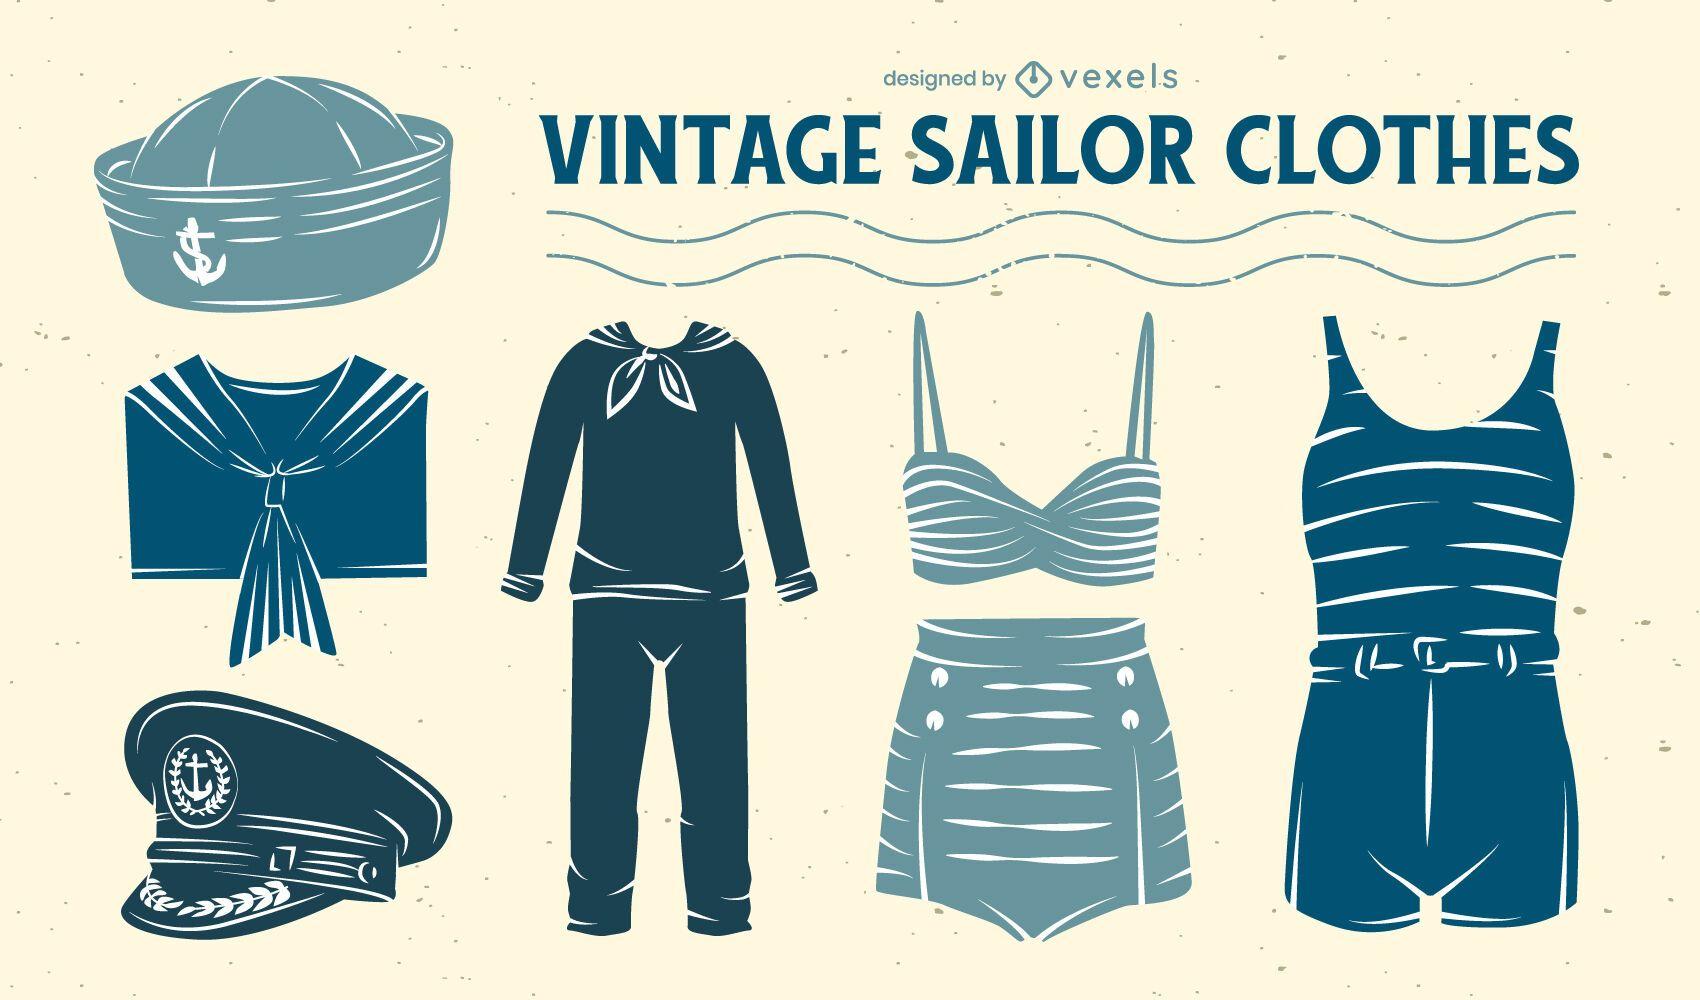 Sailor uniform clothes vintage style set